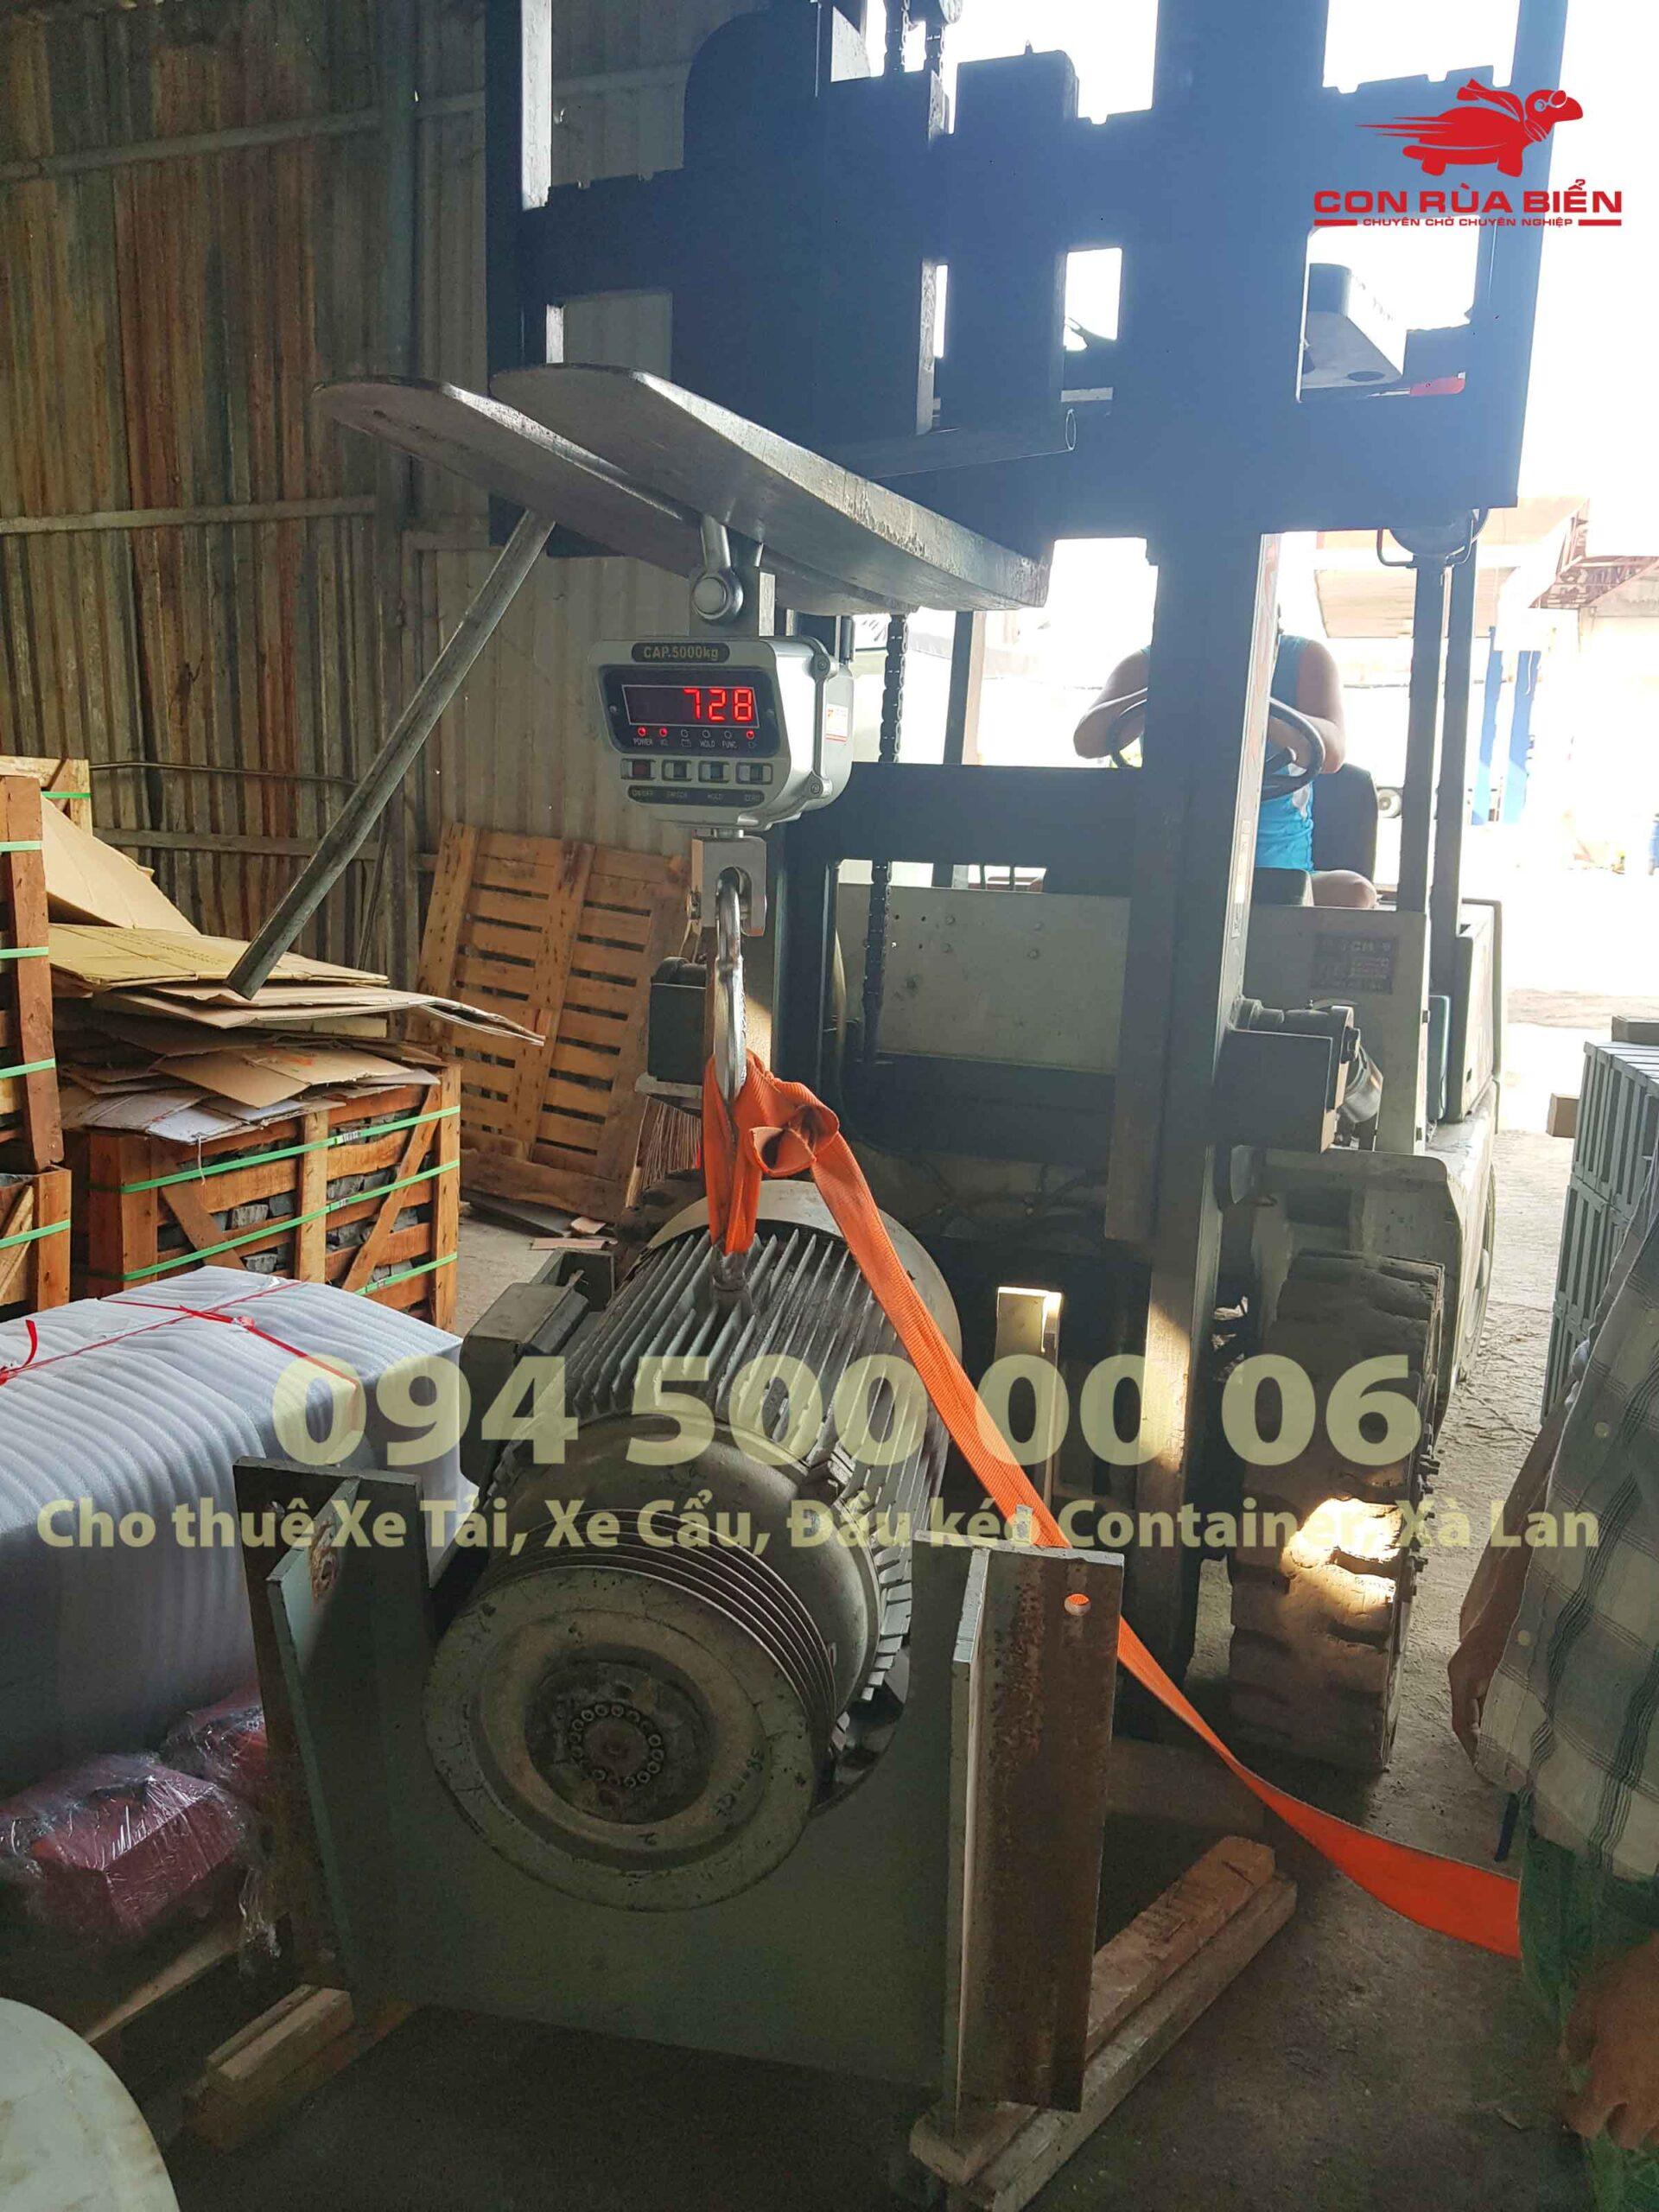 Con Rùa Biển là Chành xe Hà Nội Sài Gòn Phú Quốc chạy chuyên tuyến, có lịch xe chạy cố định hằng ngày, Vận chuyển Máy Bơm đi Phú Quốc | 0945000006